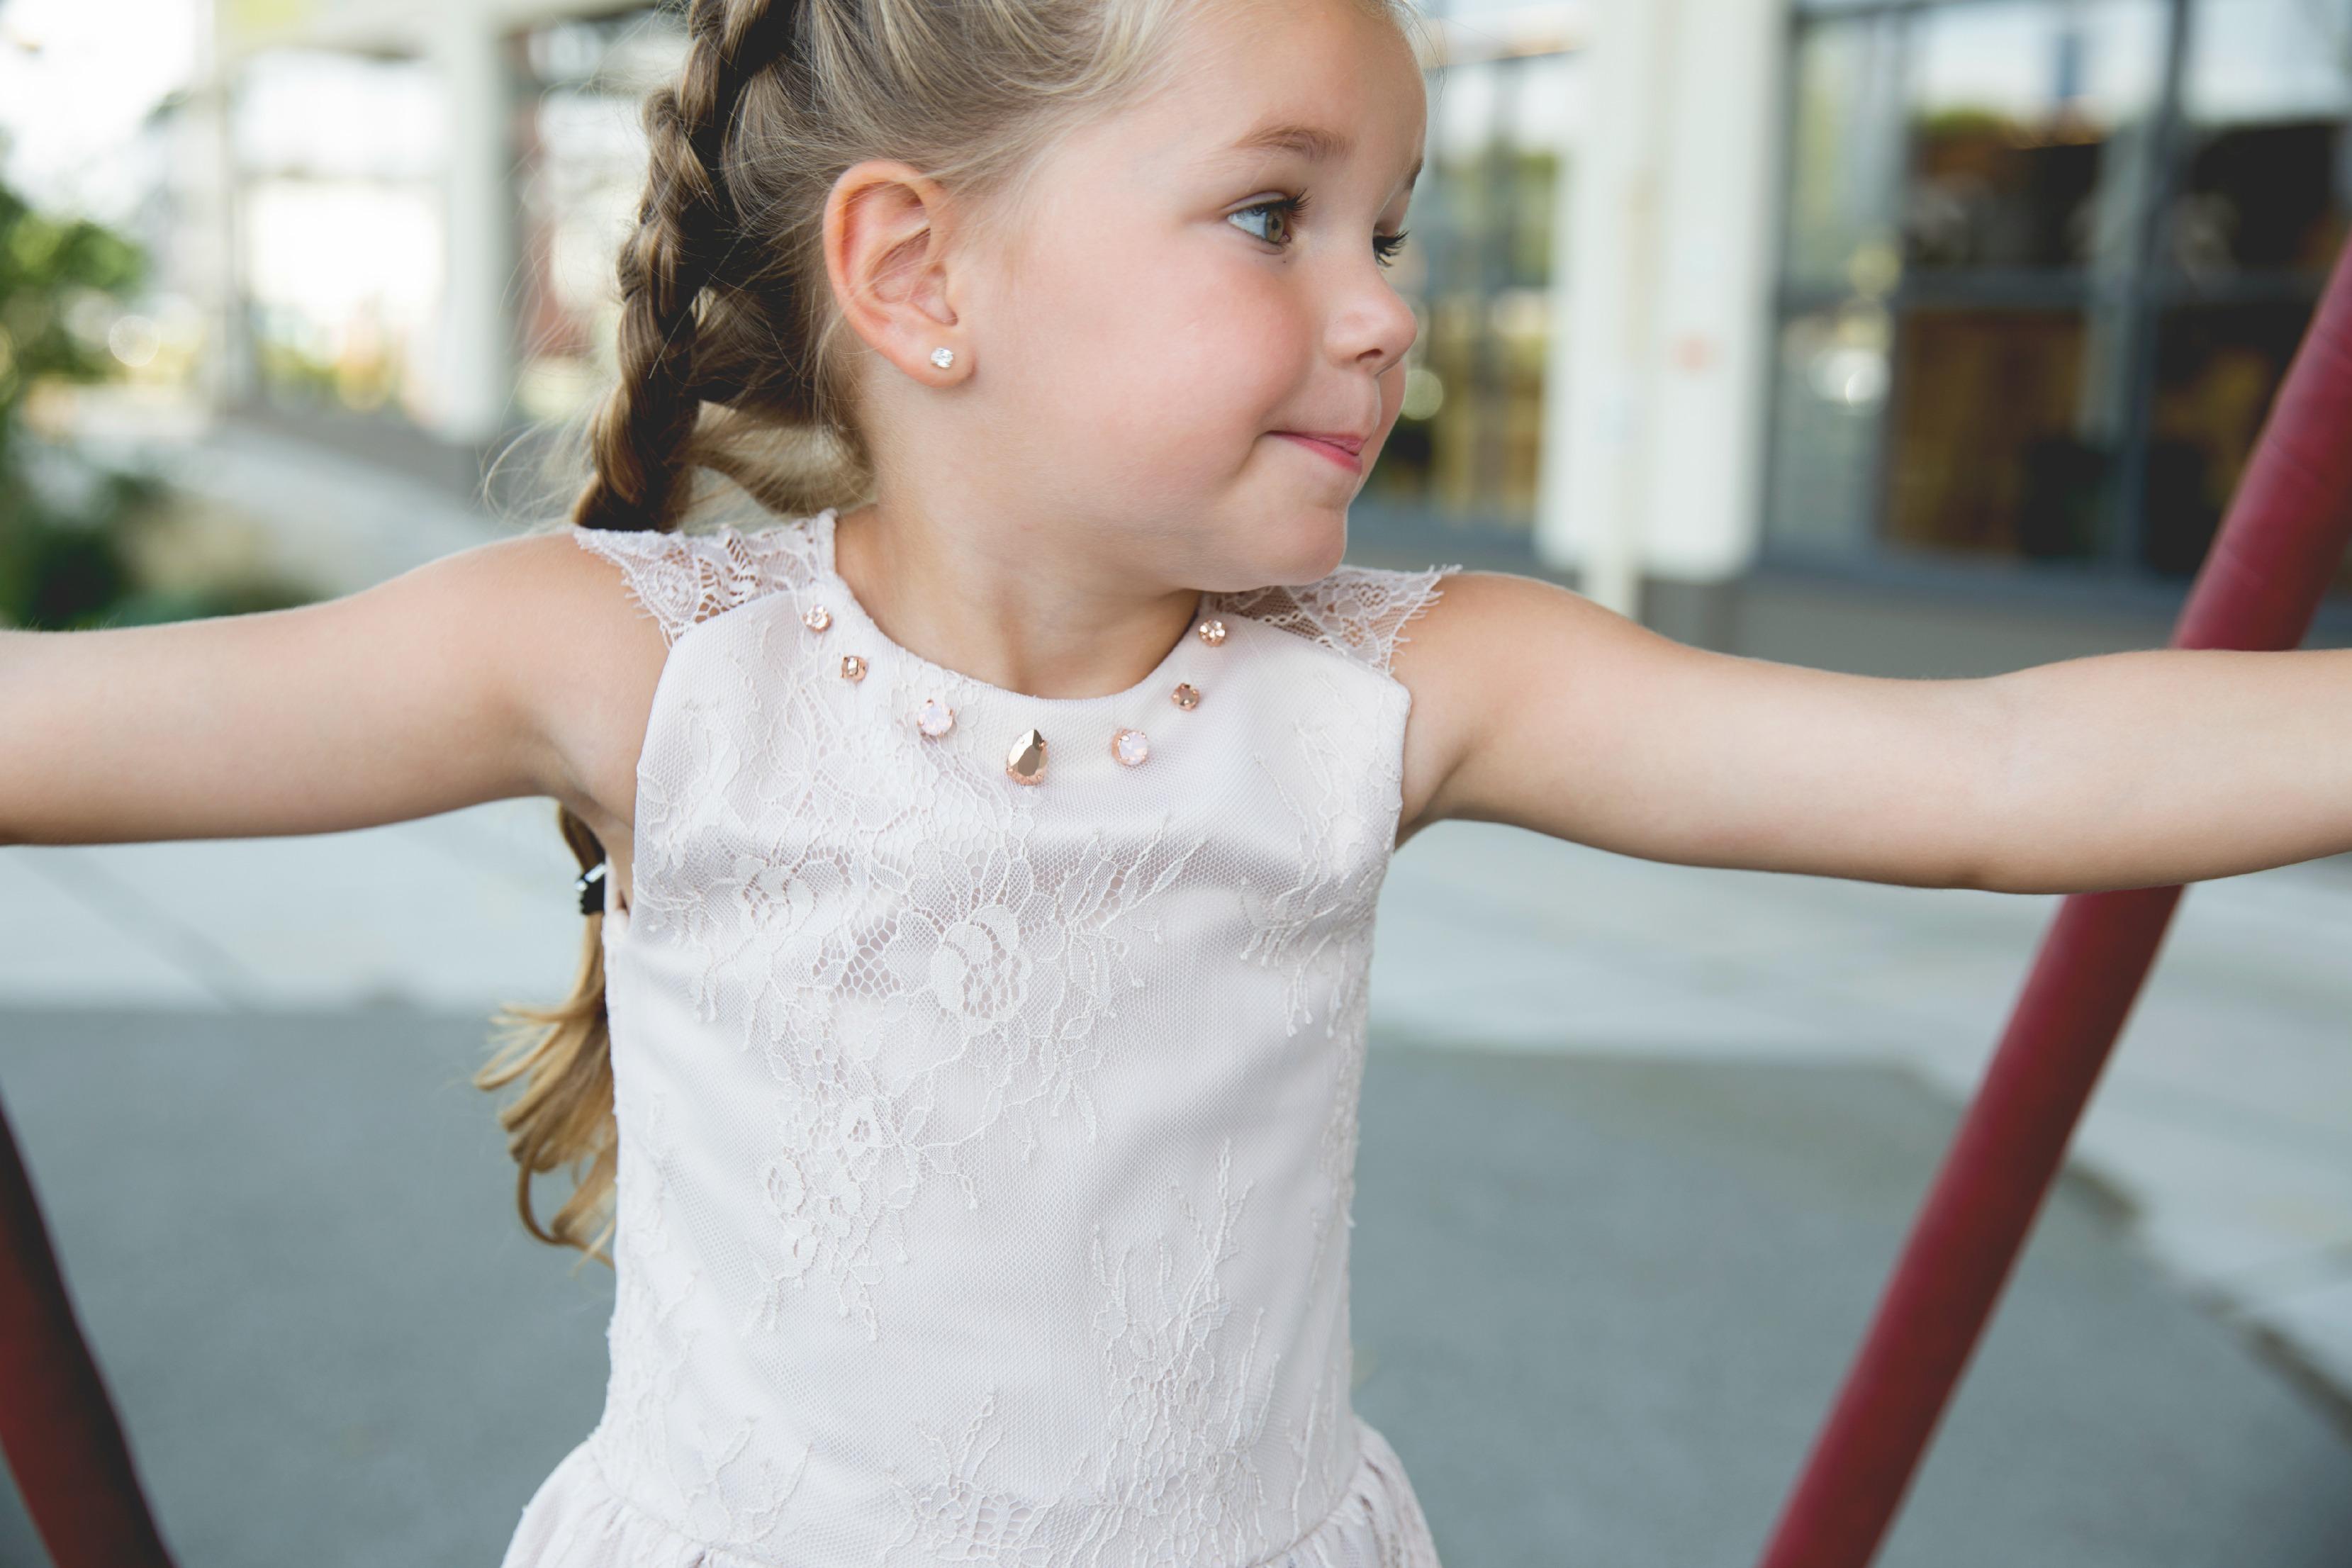 Kerstjurkjes voor meisjes-So Cute fashion-GoodGirlsCompany- feestkleding voor meisjes-exclusieve feestkleding